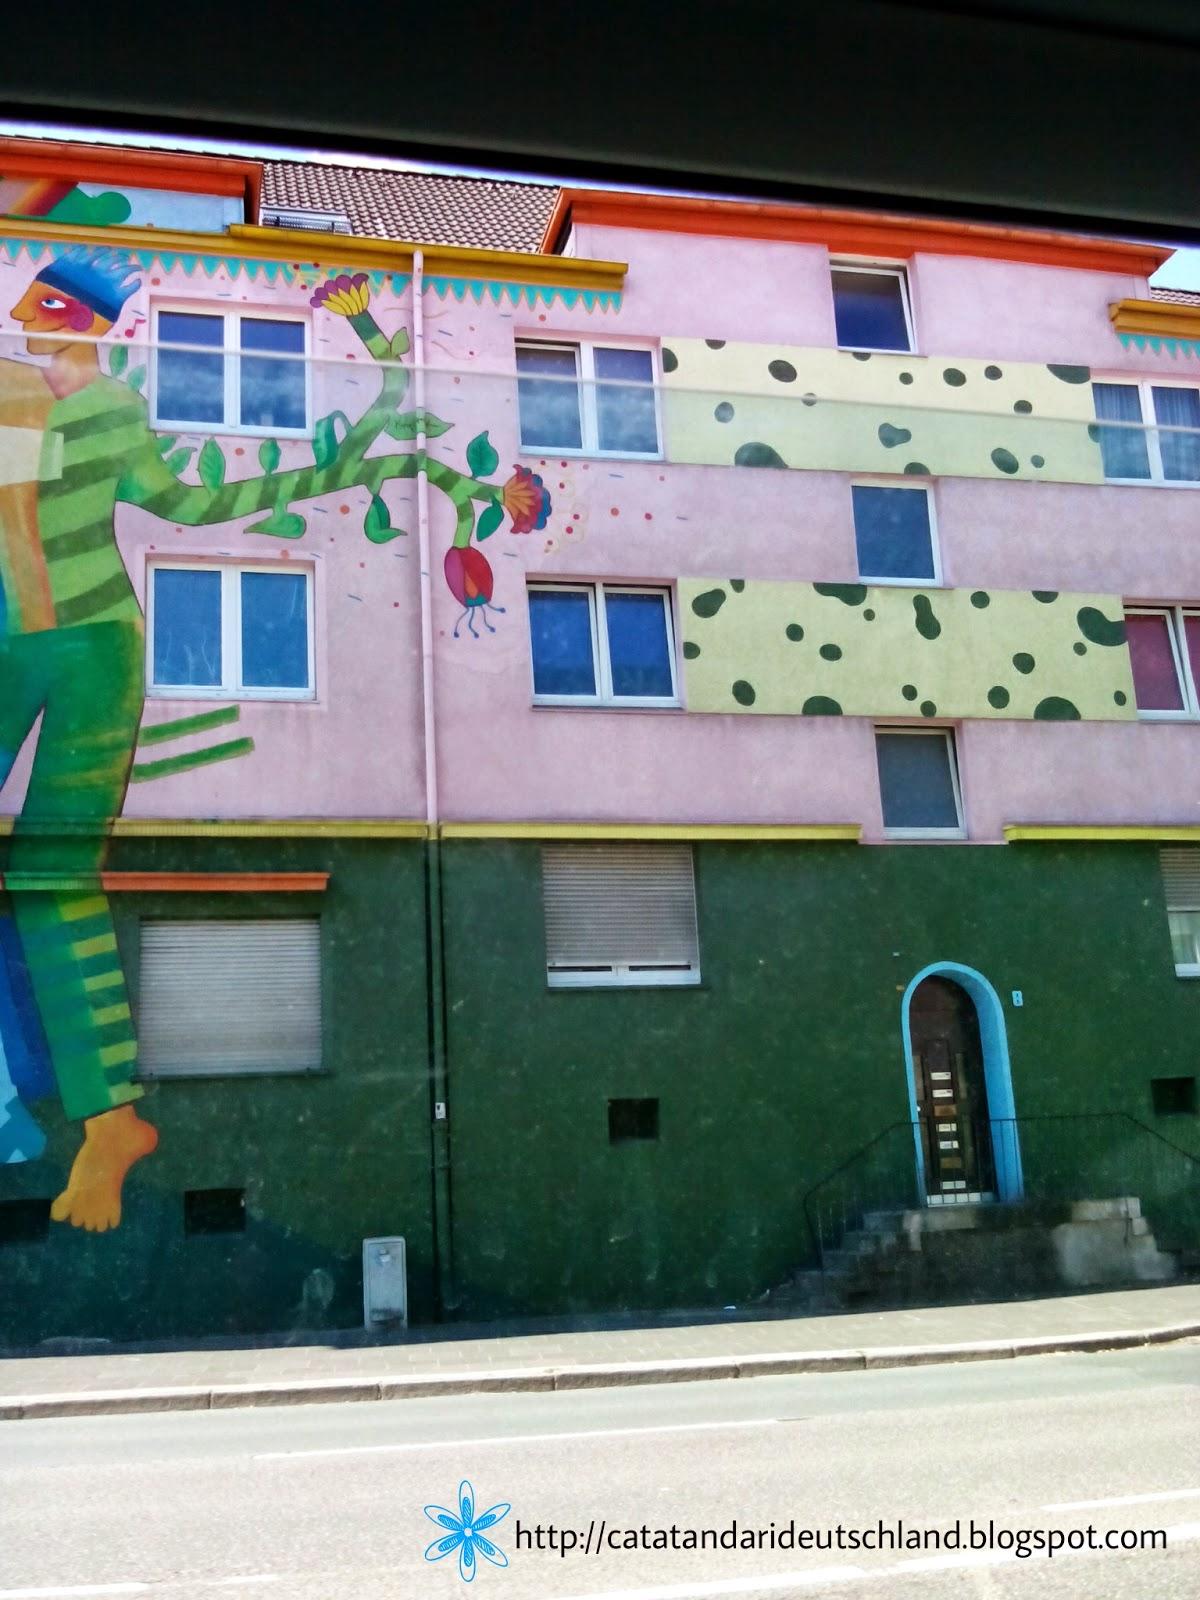 Catatan dari deutschland mural atau vandalism for Mural yang cantik